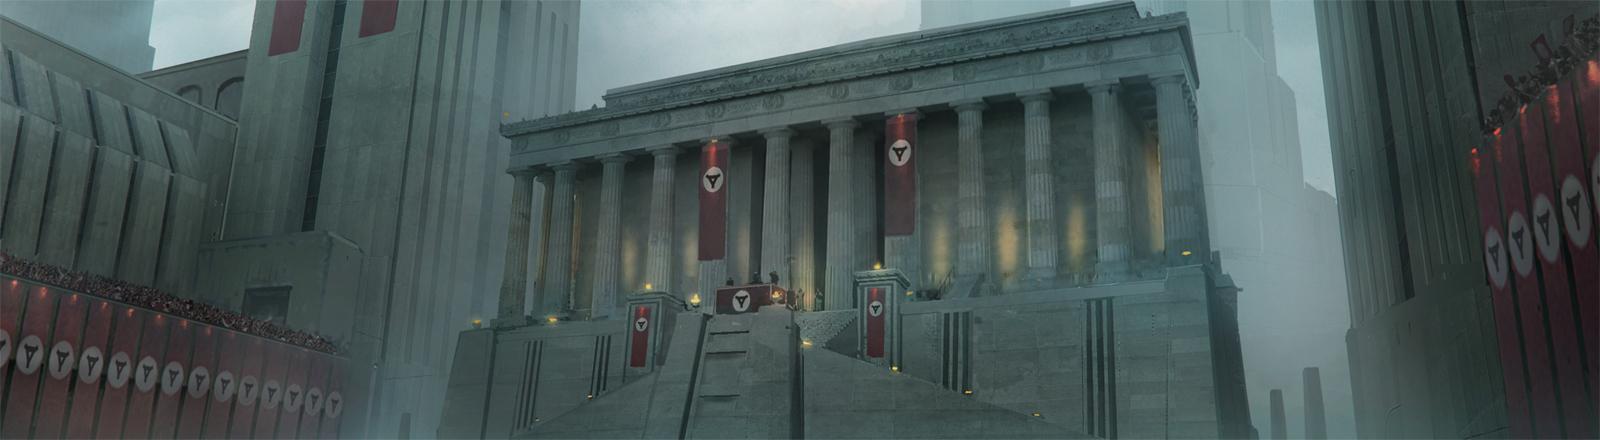 Hier wurden die Hakenkreuze ersetzt: Berlin-Szene aus dem Spiel Wolfenstein II